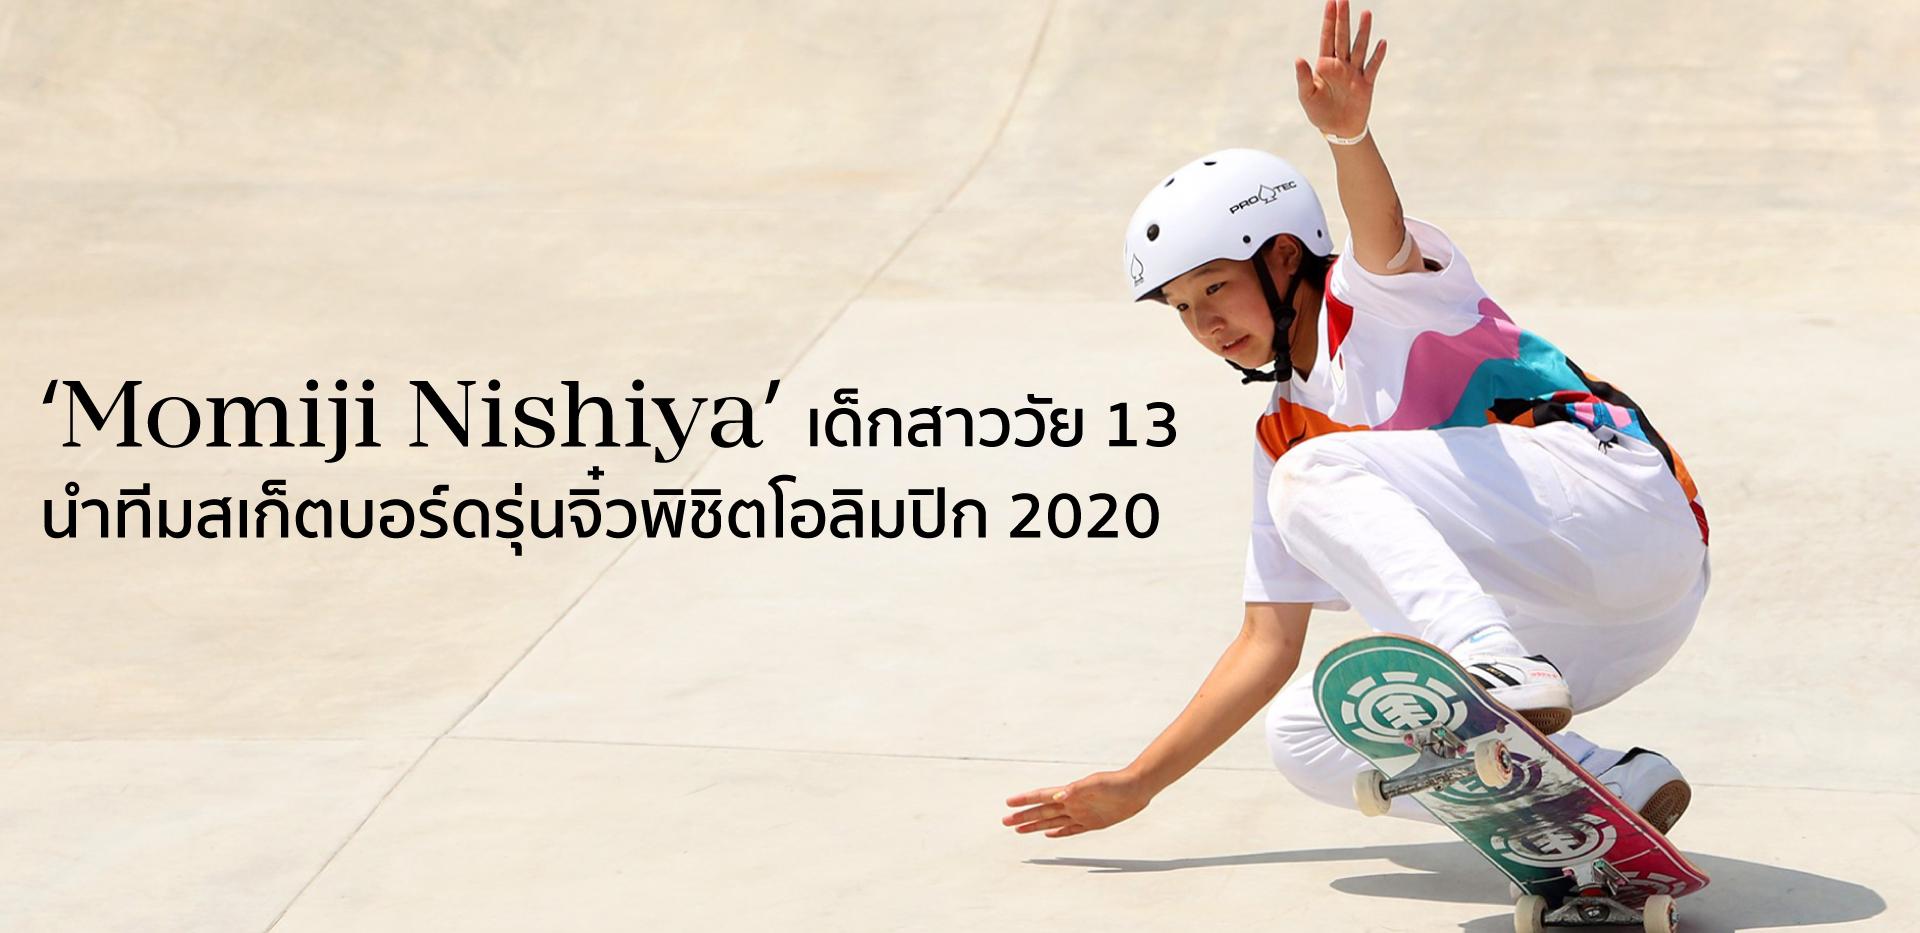 Momiji Nishiya เด็กสาววัย 13 นำทีมสเก็ตบอร์ดรุ่นจิ๋วพิชิตโอลิมปิก 2020